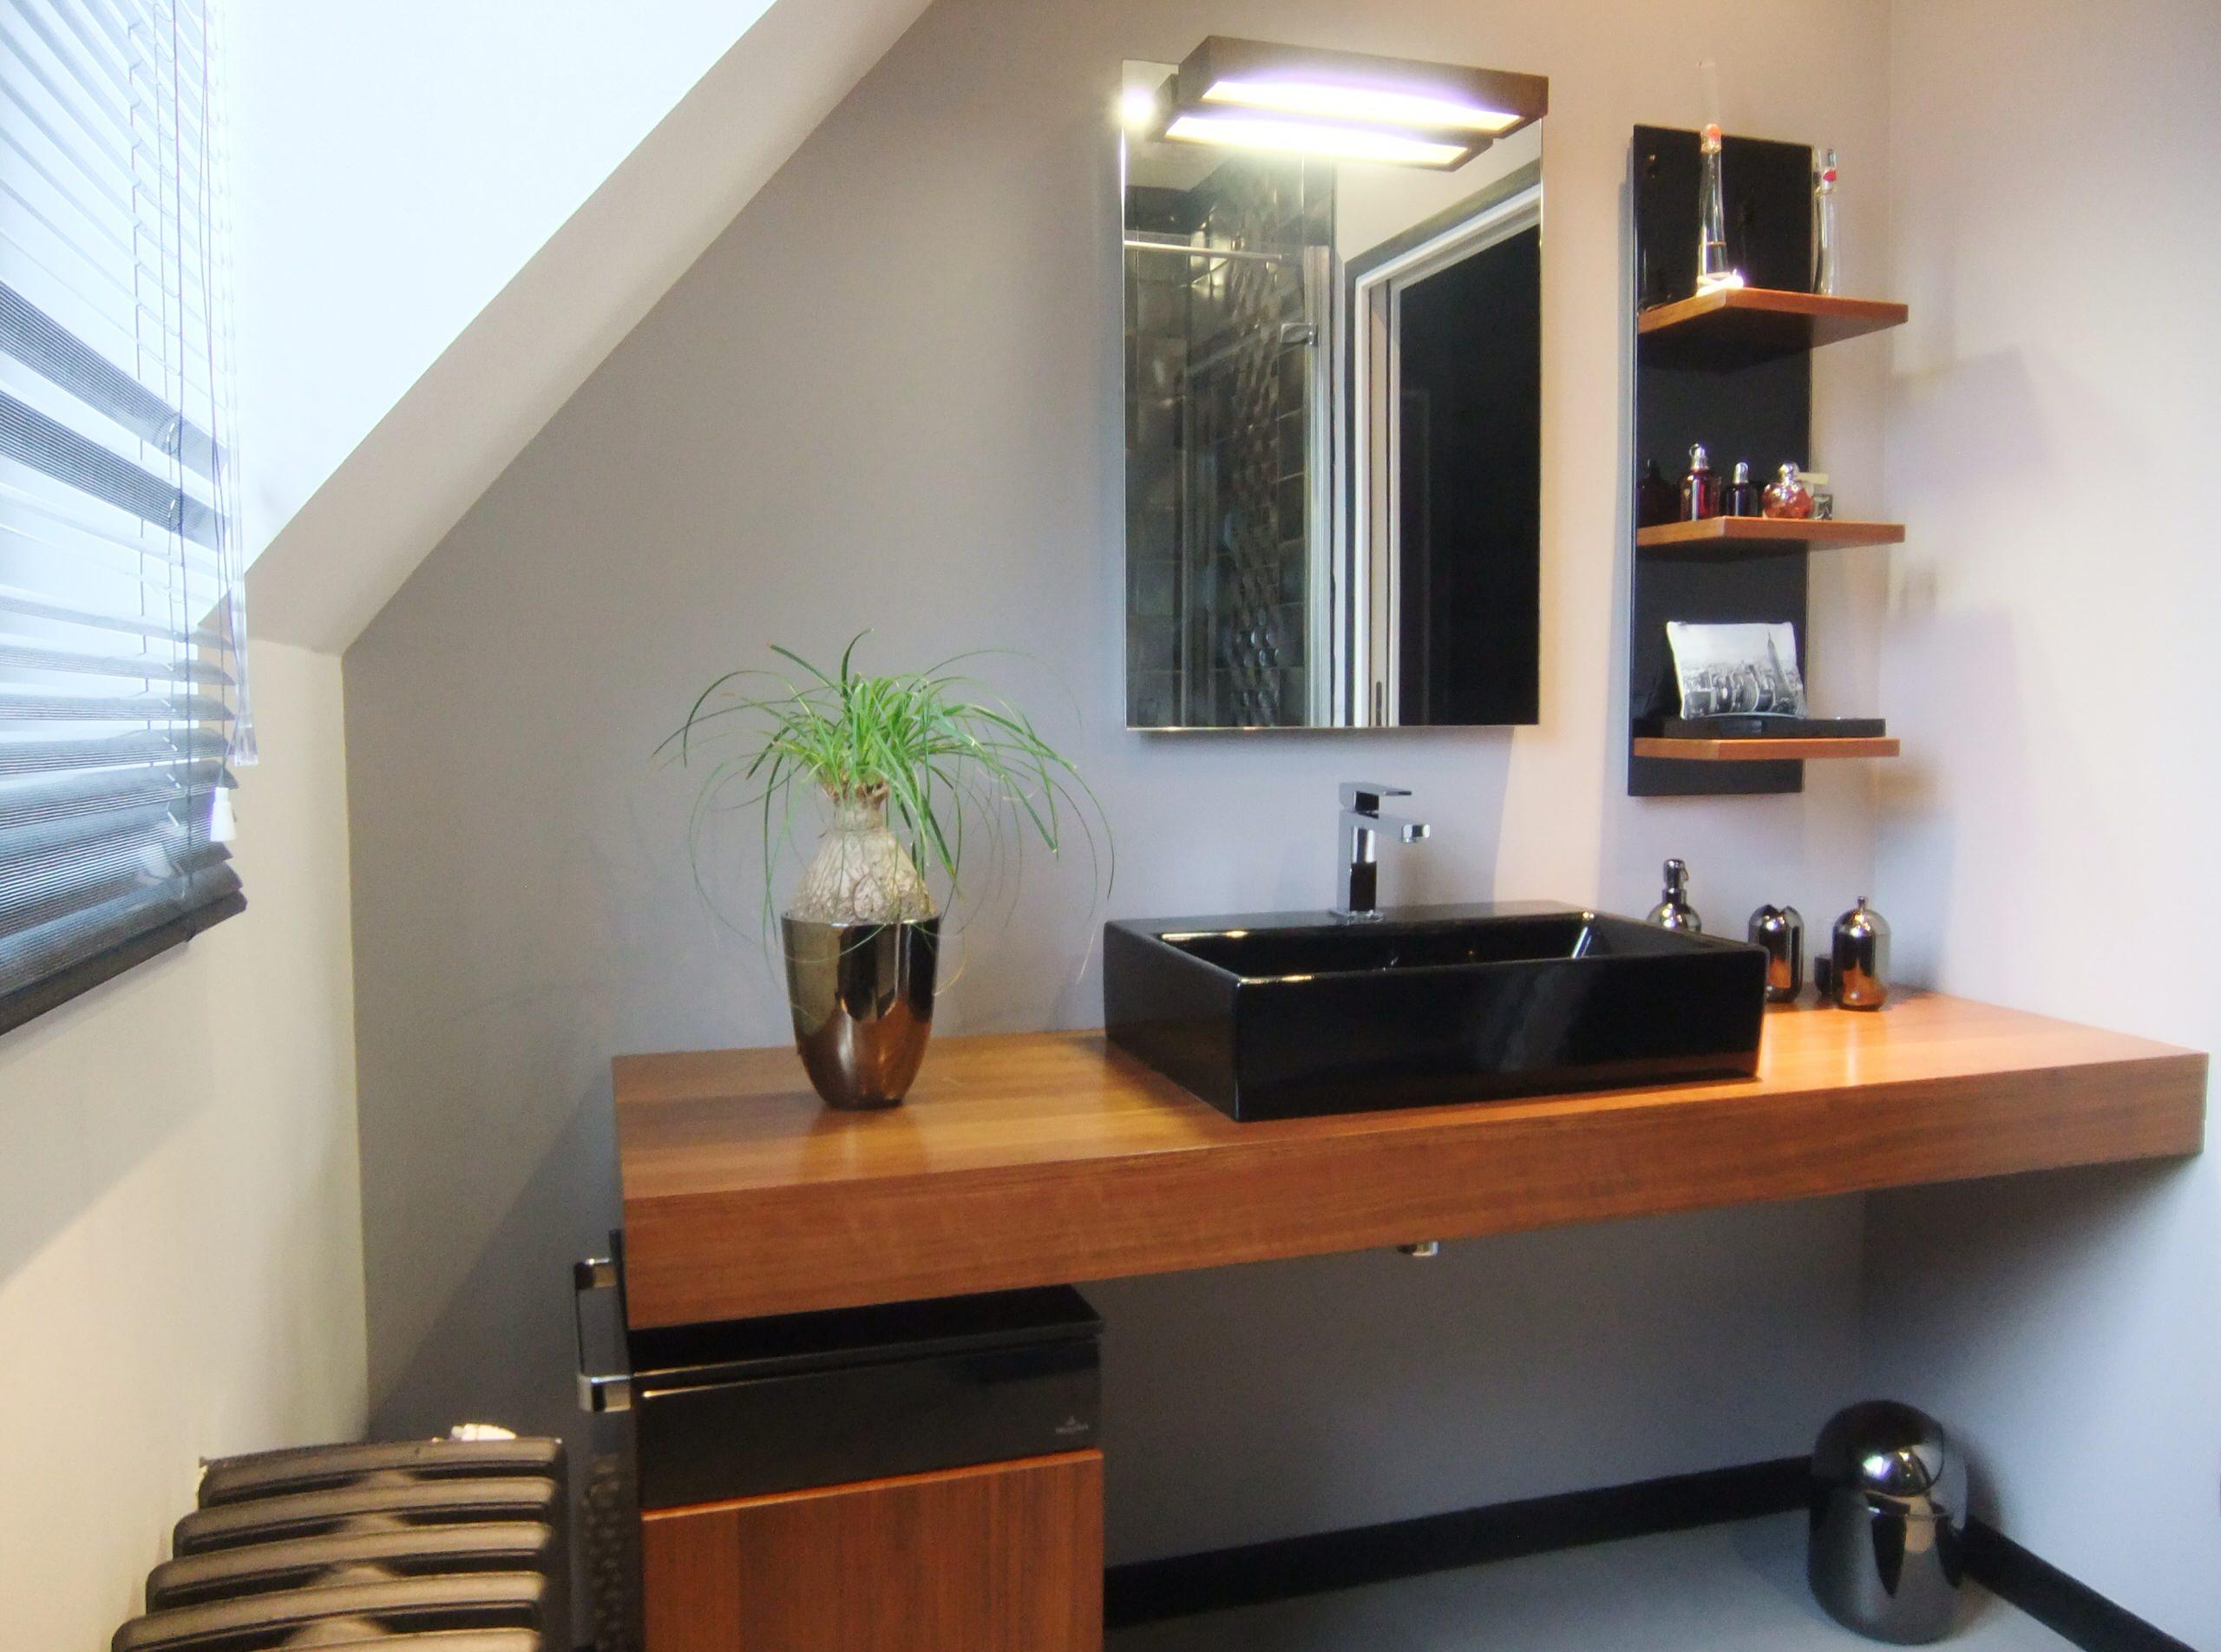 Chambre et salle d'eau pour une adolescente de 14 ans à Pontoise